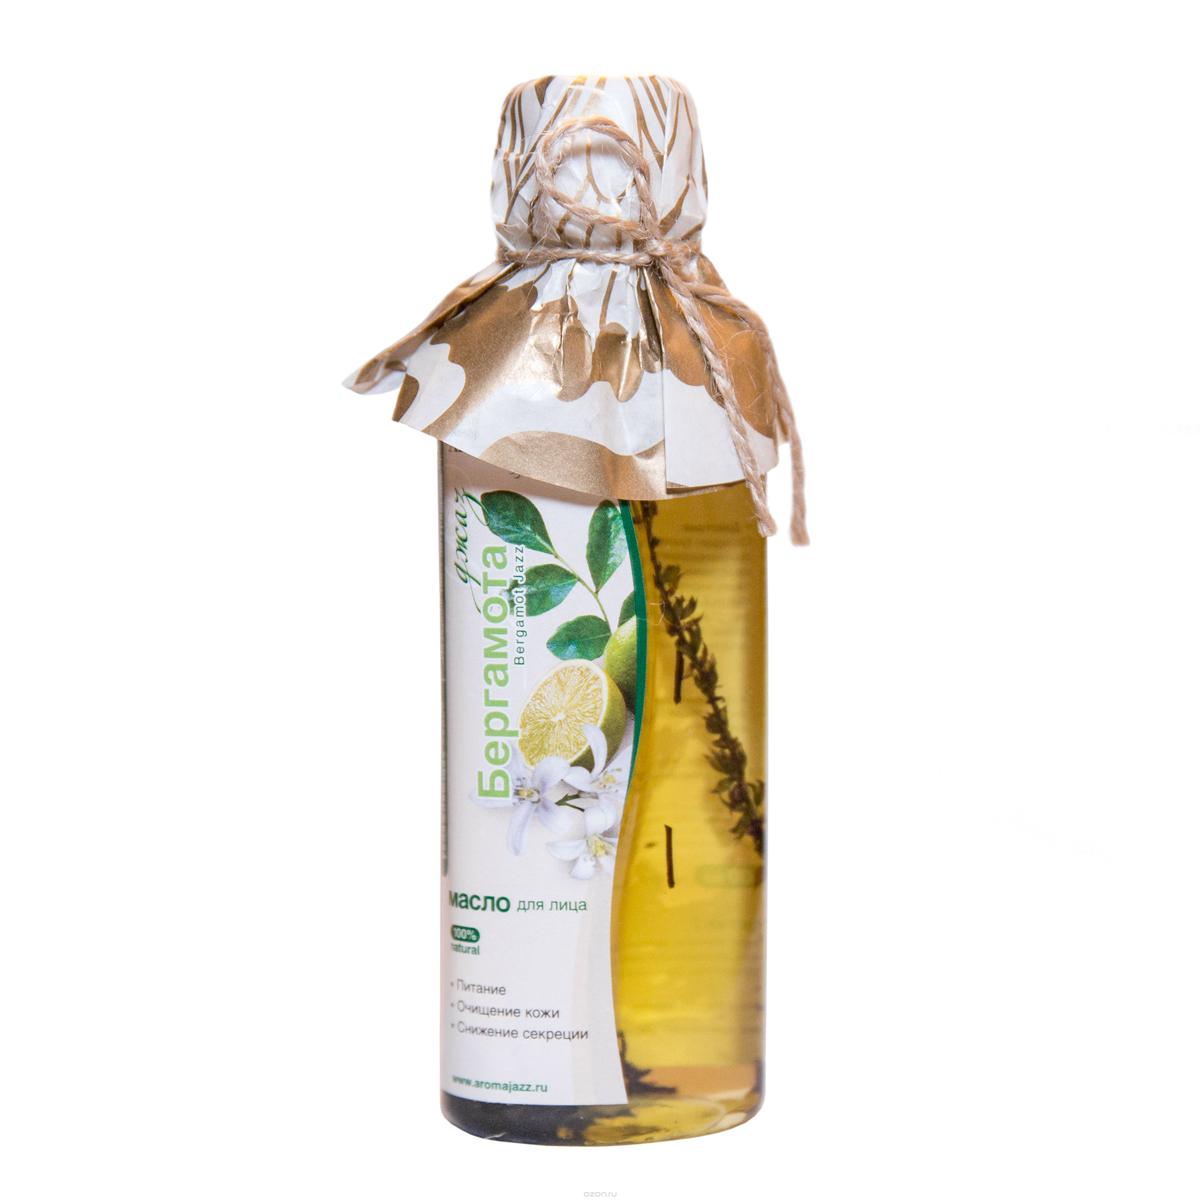 Aroma Jazz Масло жидкое для лица питательное Джаз бергамота, 200 млFS-00897Действие: прекрасно смягчает и увлажняет раздраженную кожу, восстанавливает ее защитные барьеры, регулирует белковое равновесие клеток. Масло нормализует водно-липидный баланс, улучшает циркуляцию крови, ускоряет процесс заживления трещин и порезов. Превосходная проникающая способность масла, позволяет ему стимулировать обновление клеток. Противопоказания аллергическая реакция на составляющие компоненты. Срок хранения 24 месяца. После вскрытия упаковки рекомендуется использование помпы, использовать в течение 6 месяцев. Не рекомендуется снимать помпу до завершения использования.